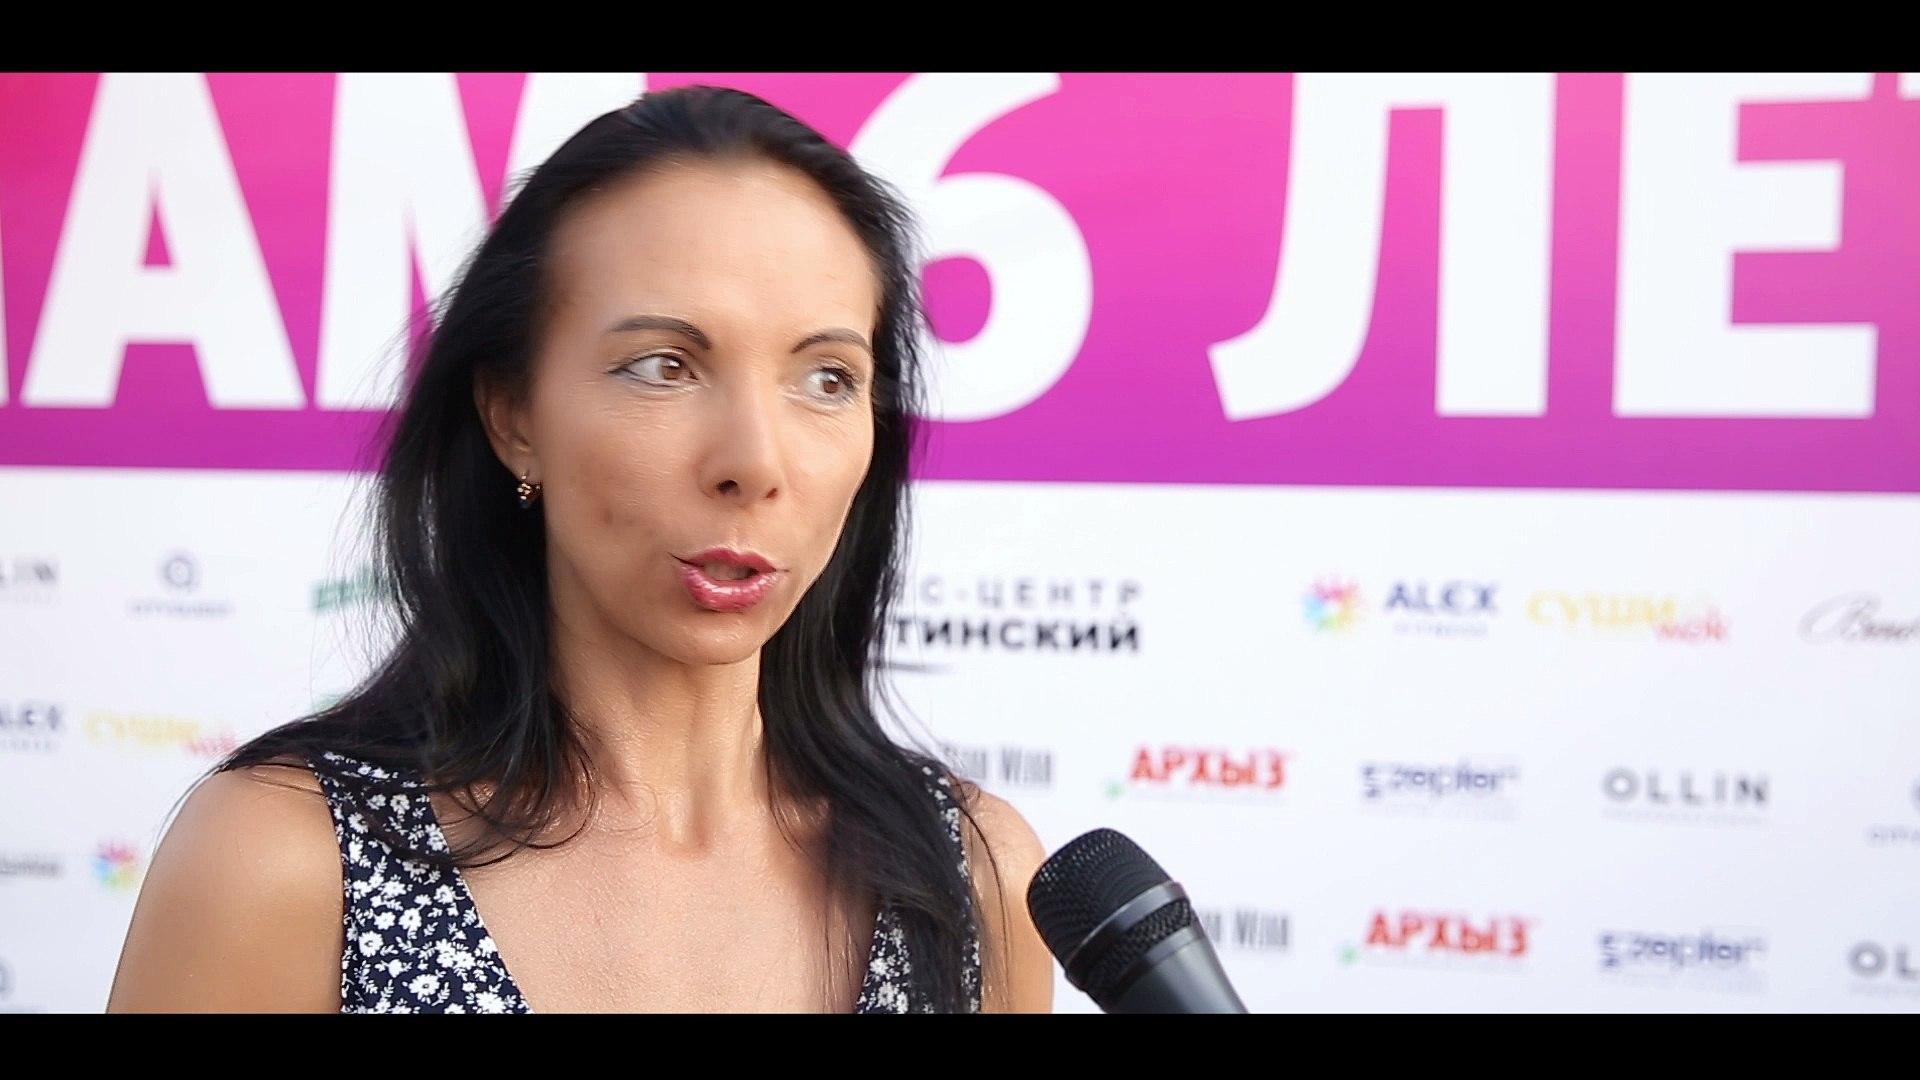 Фитнес-директор сети «Alex fitness» Нина Абрамова делится впечатлениями о Бизнес-центре «Нагатинский